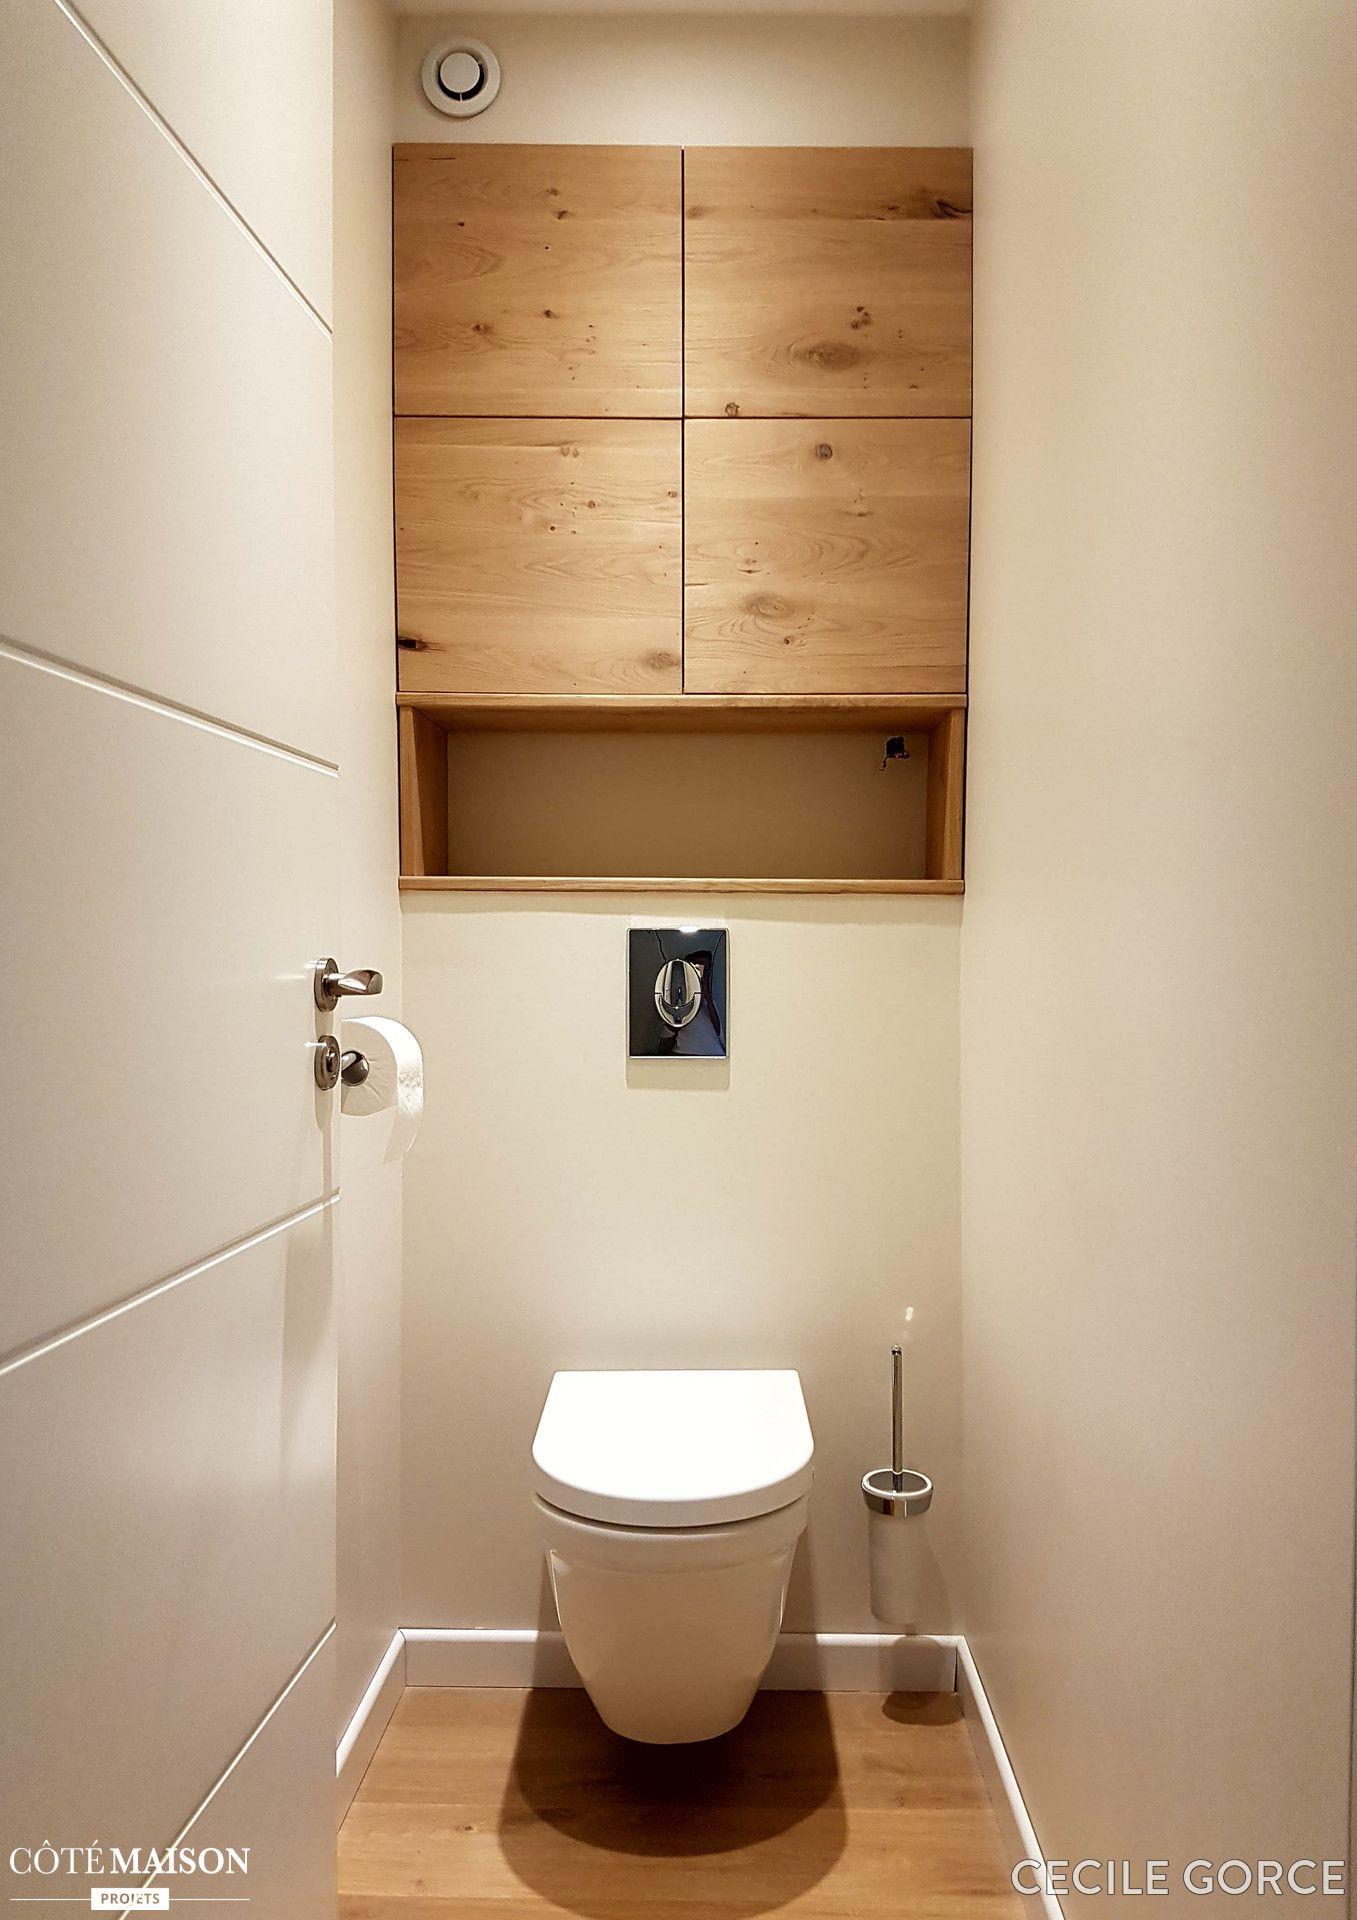 Cette maison est enti rement r nov e repens e de mani re for Creer une salle de bain dans un petit espace